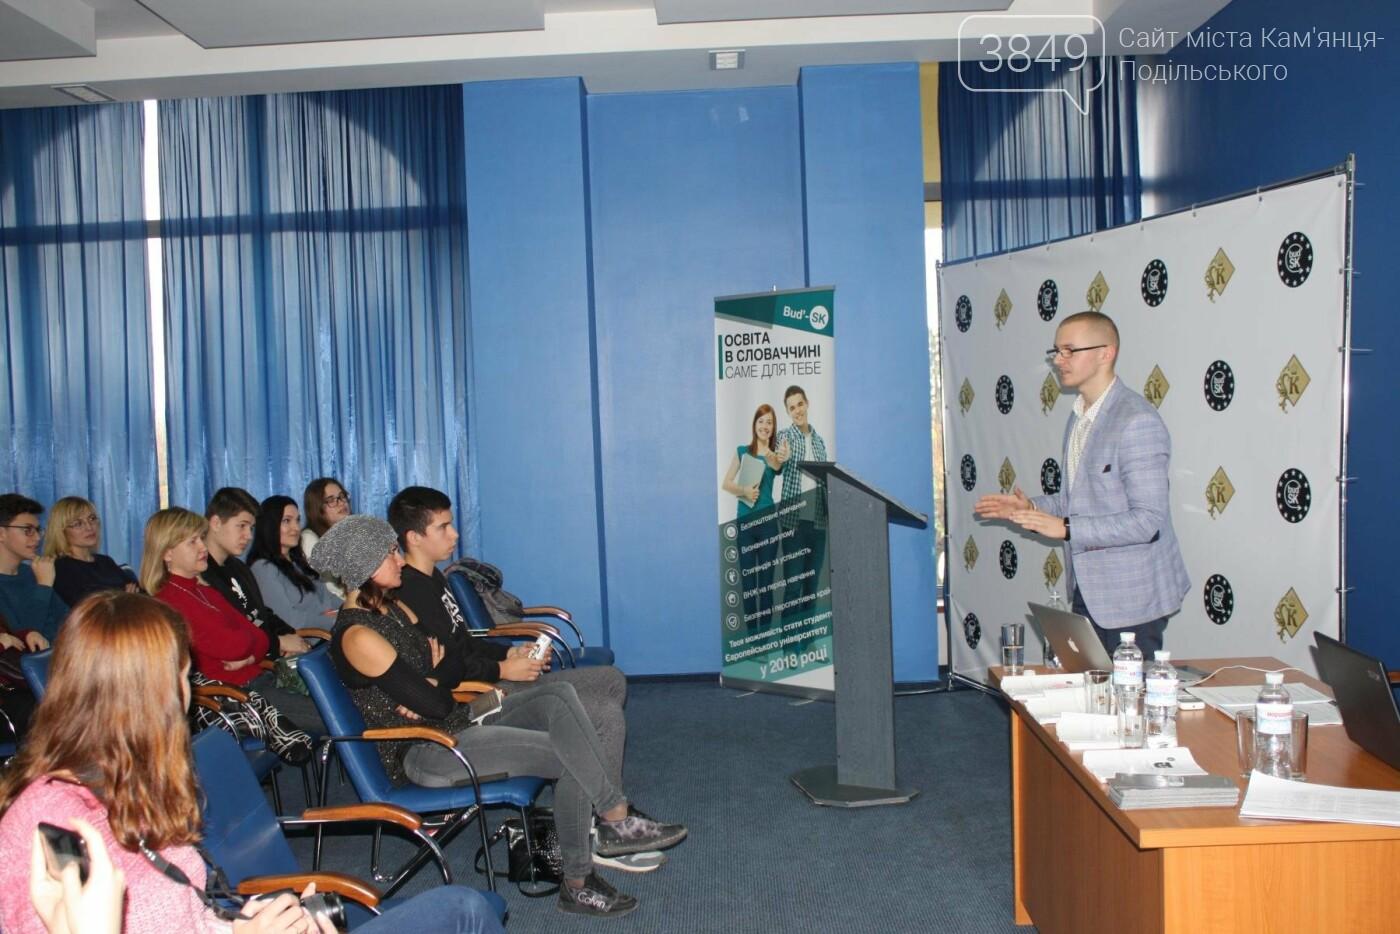 Кам'янецькі абітурієнти отримали можливість навчатися у Словаччині, фото-5